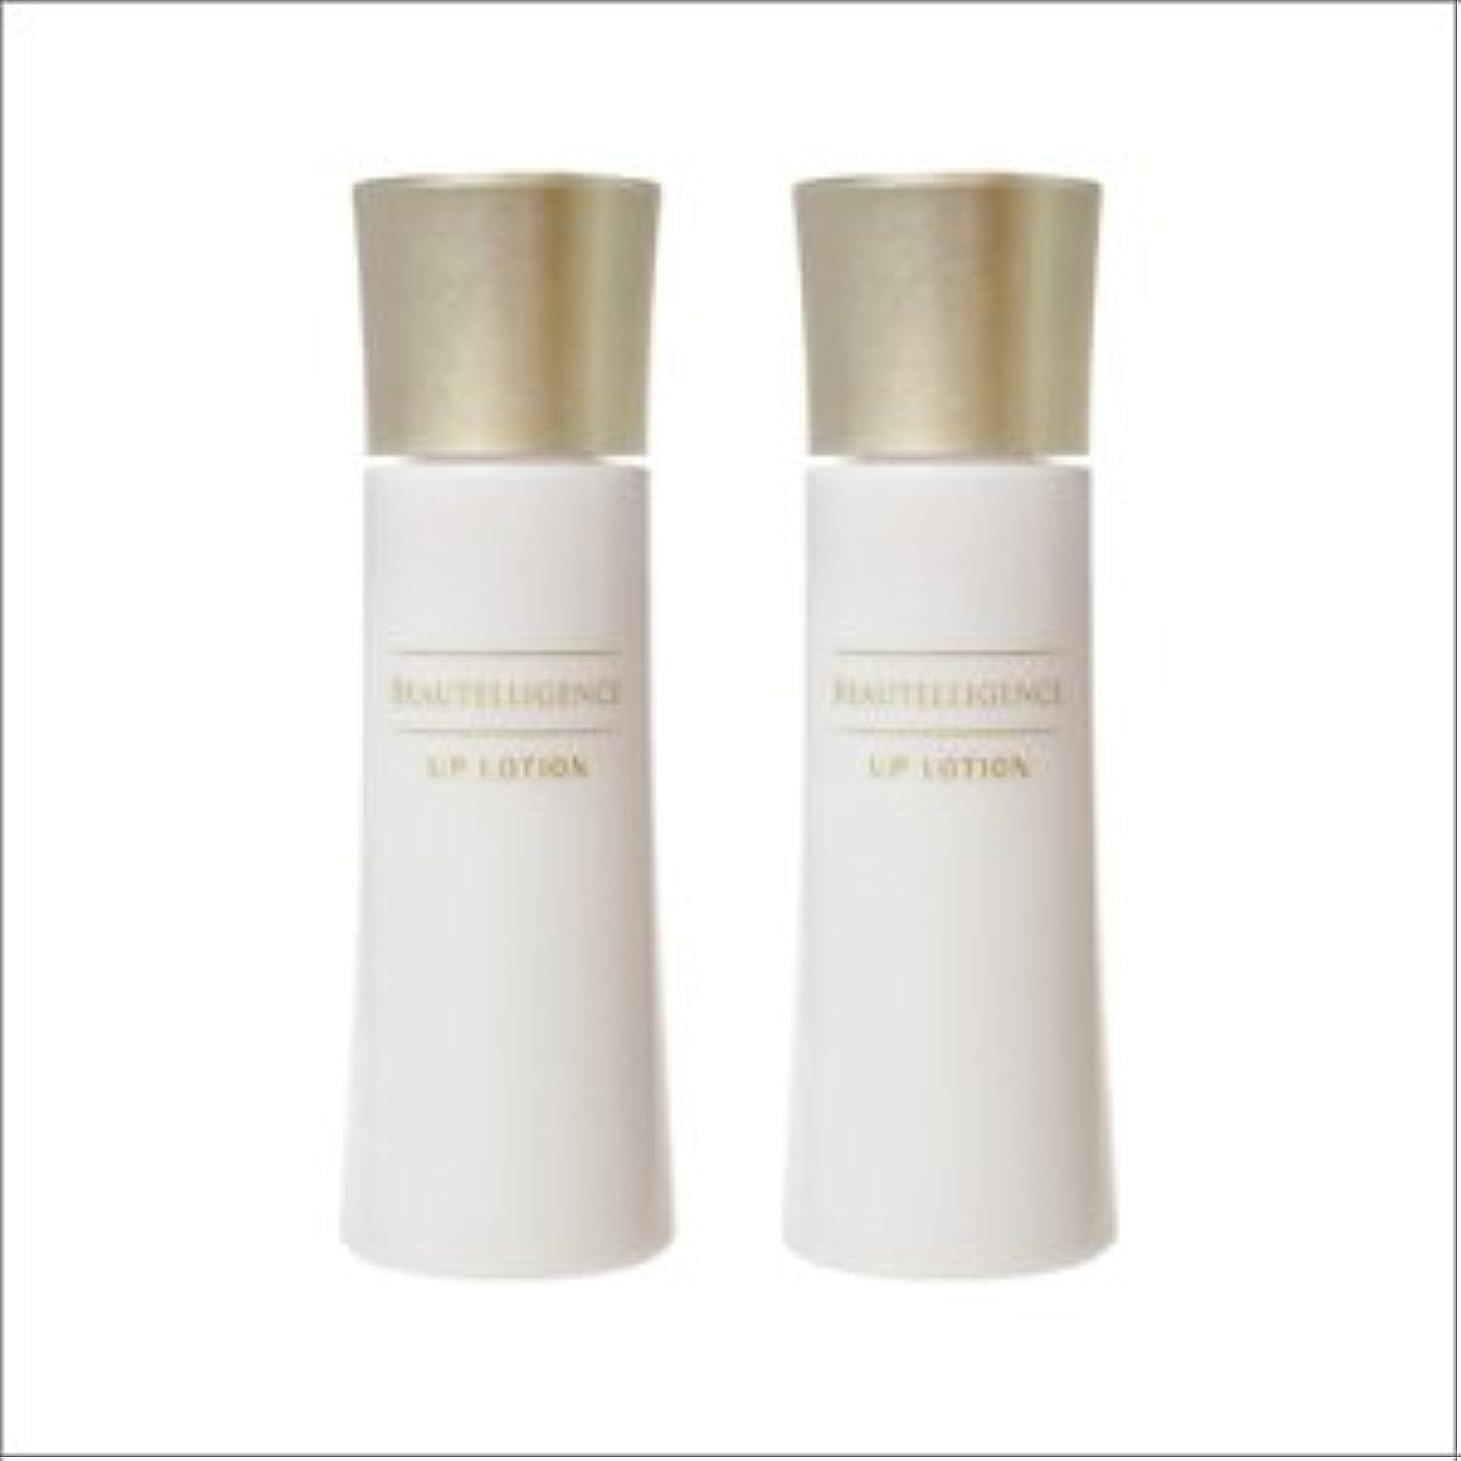 落胆させる有害対2本セット アップローション ひきしめ 化粧水 美容液 ハリ NEWA オシリフト グリシルグリシンエイジングケア